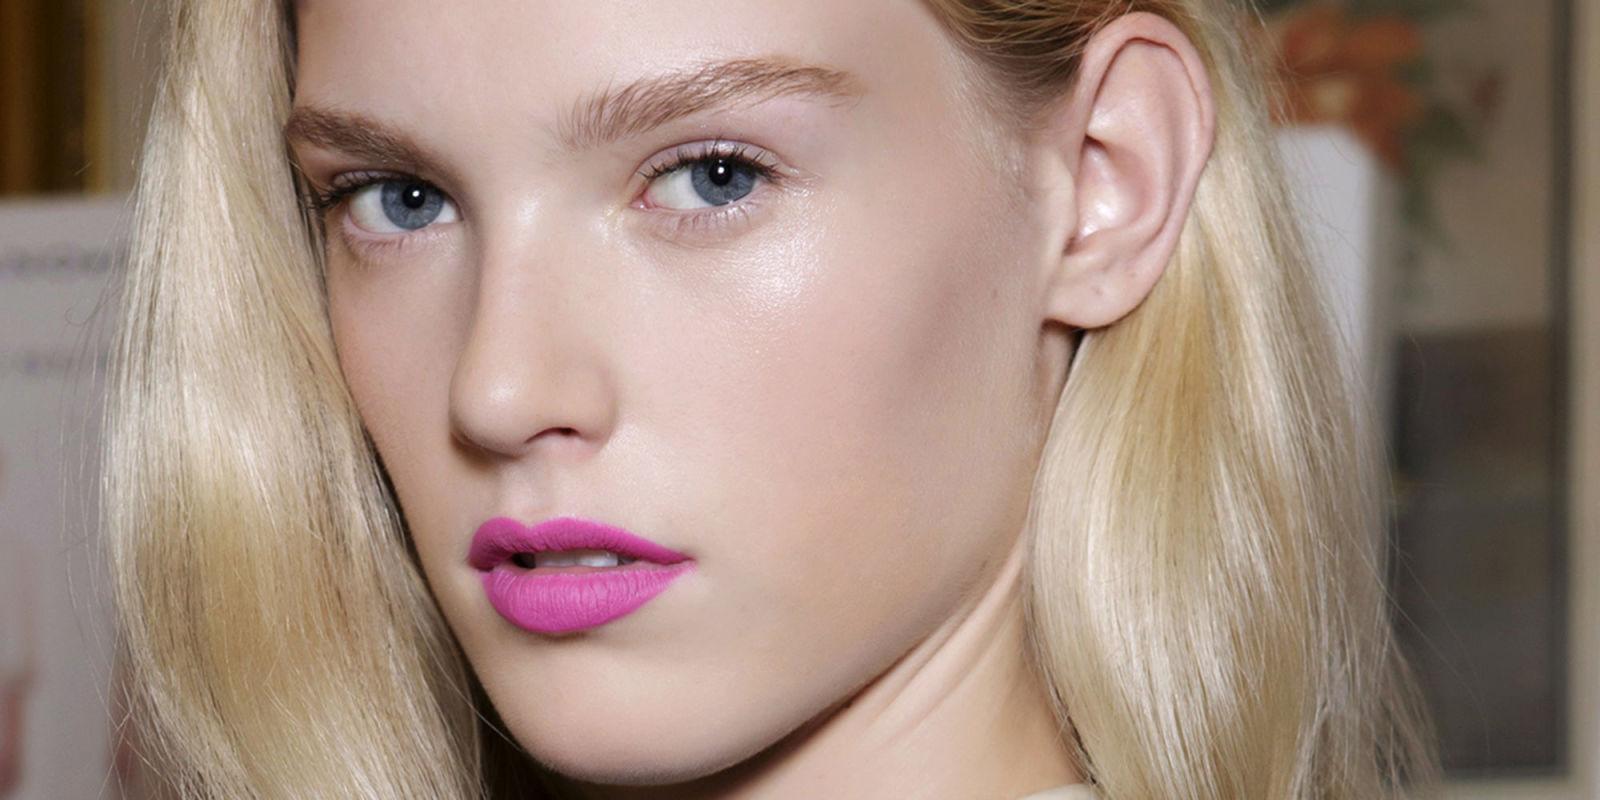 Αποτέλεσμα εικόνας για pink lips spring makeup